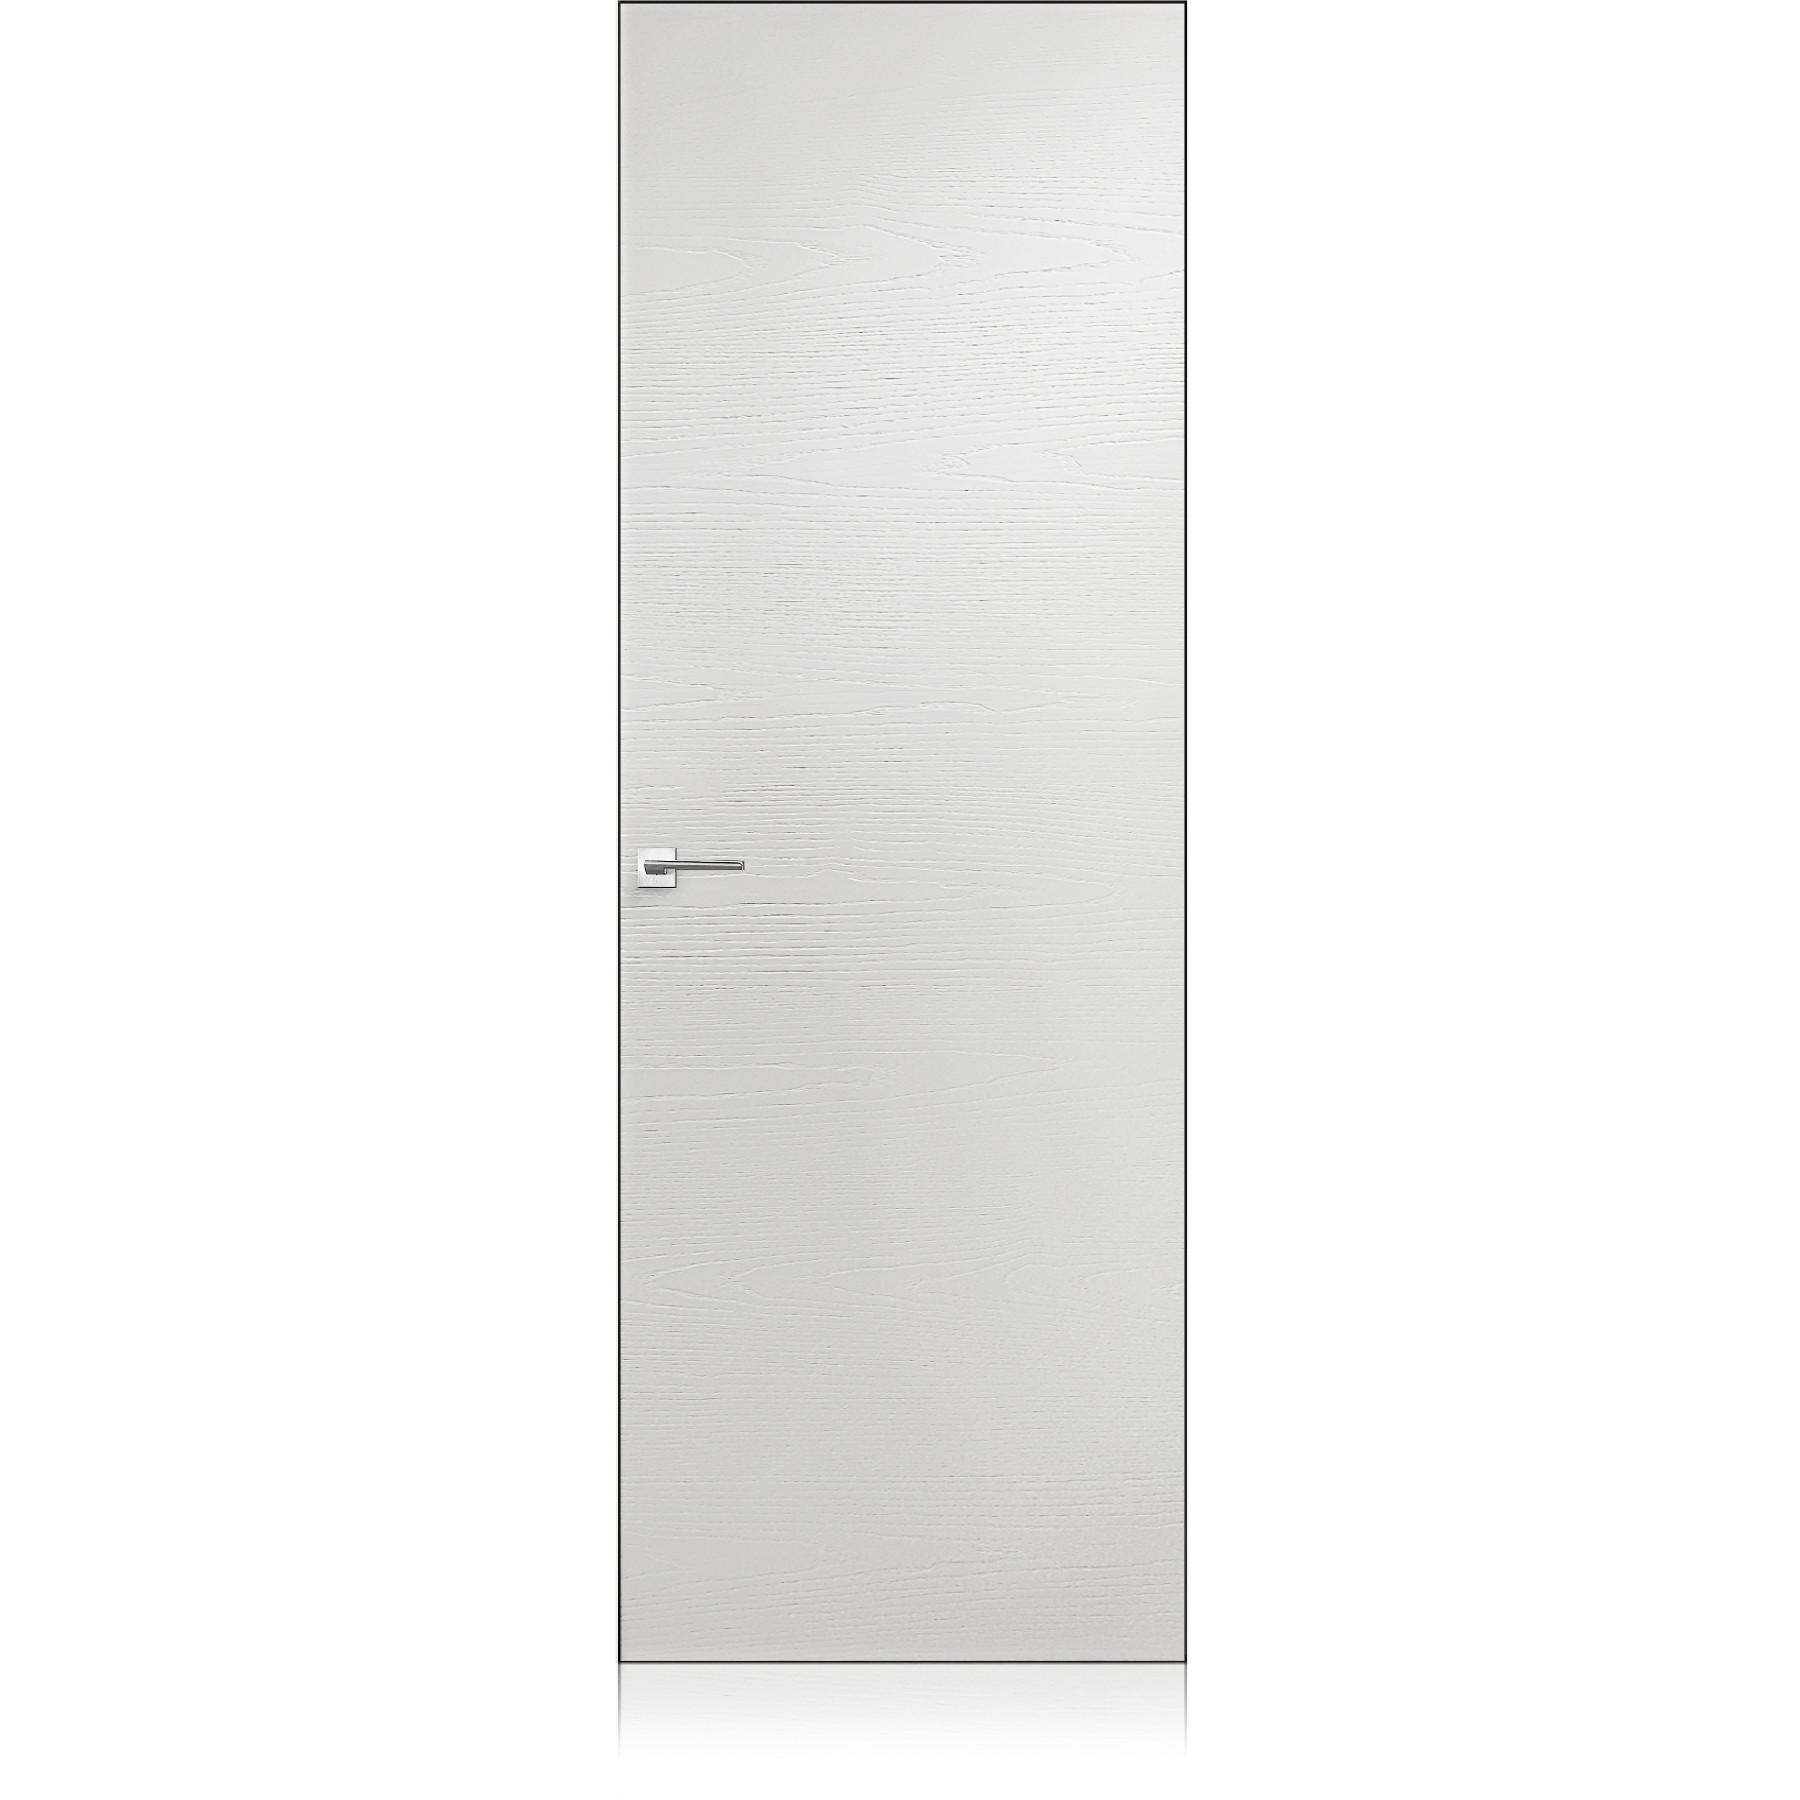 Equa Zero trame bianco door